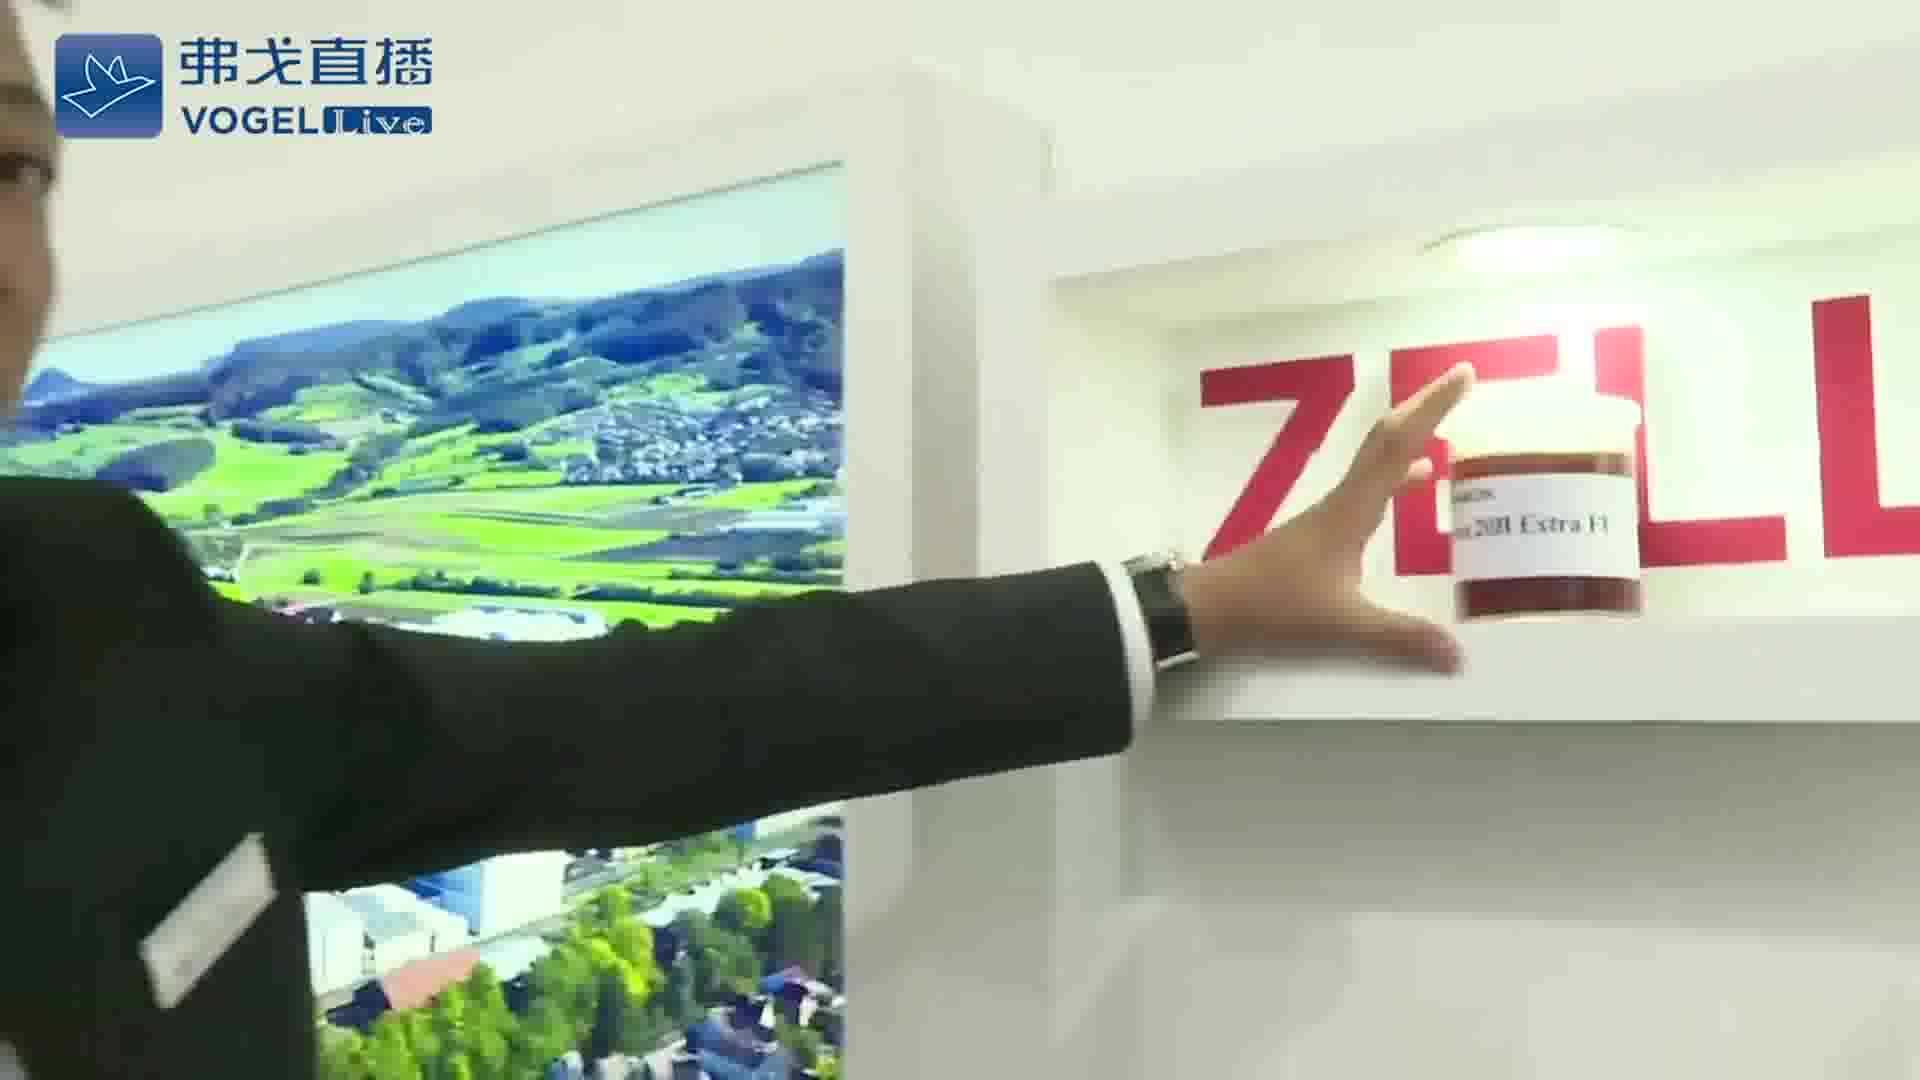 钱磊先生 ZELLER +GMELIN产品经理介绍产品-CIMT2019